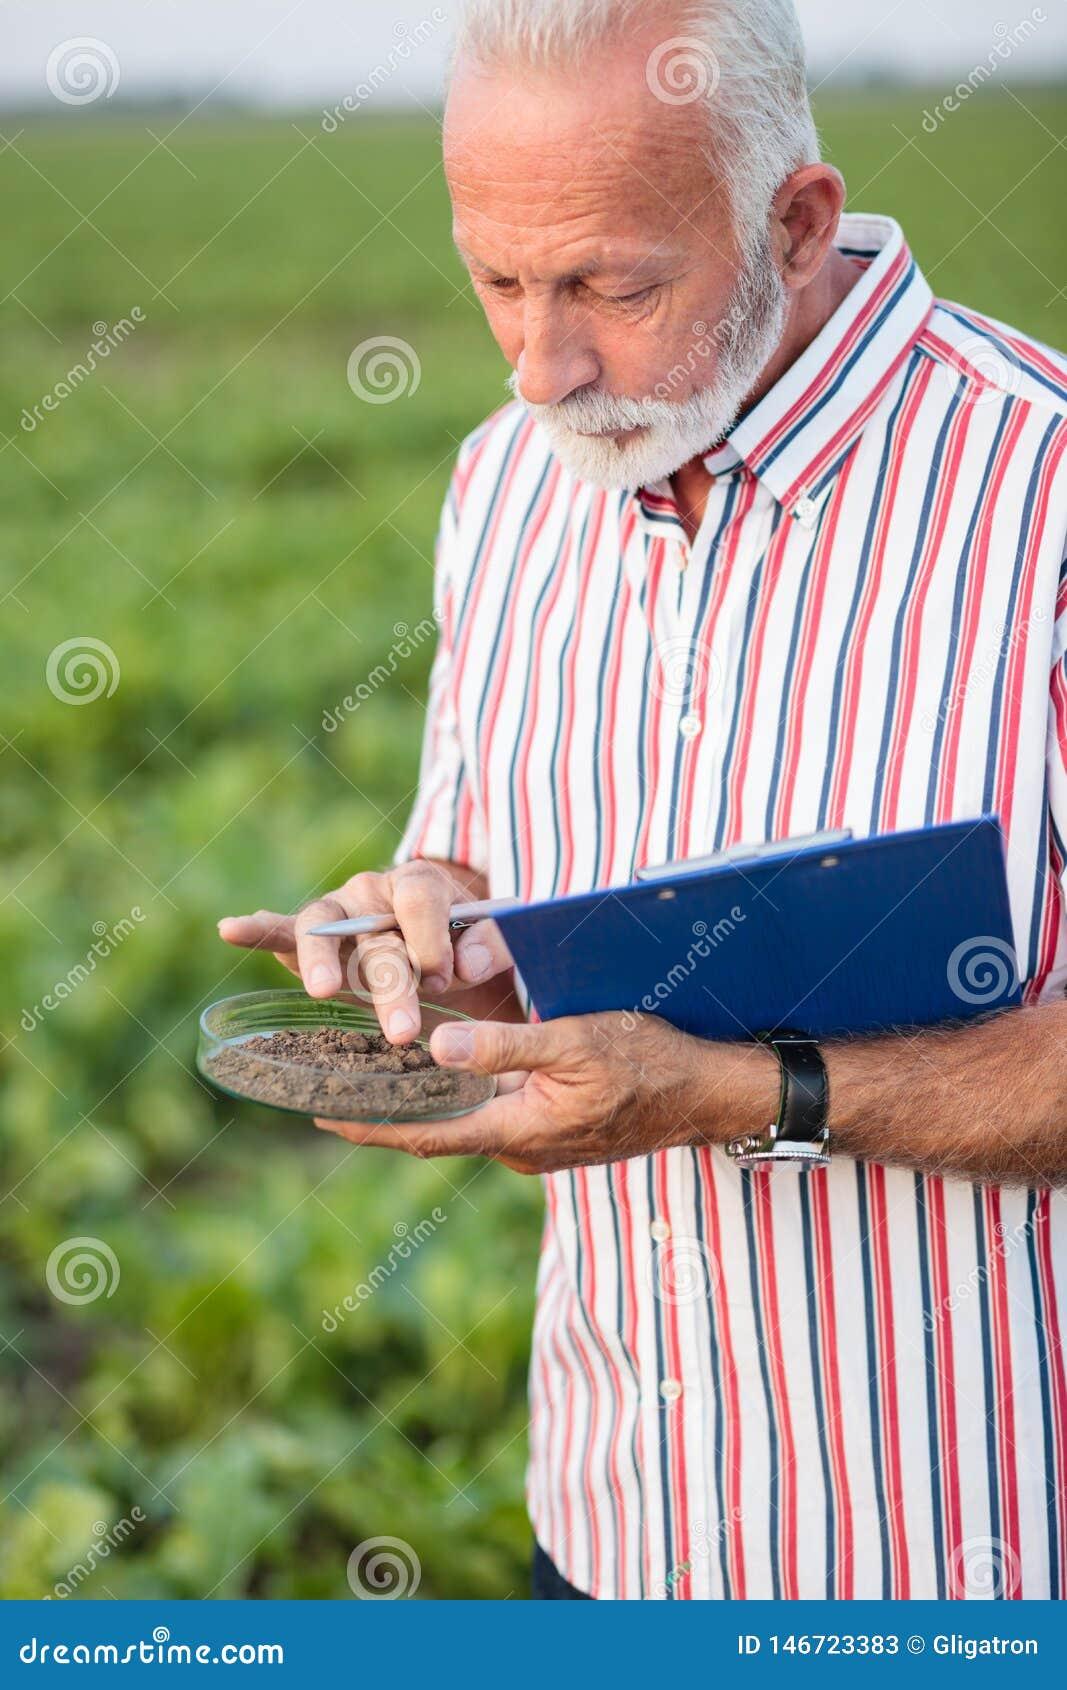 Senior agronomist or farmer examining soil samples in a field